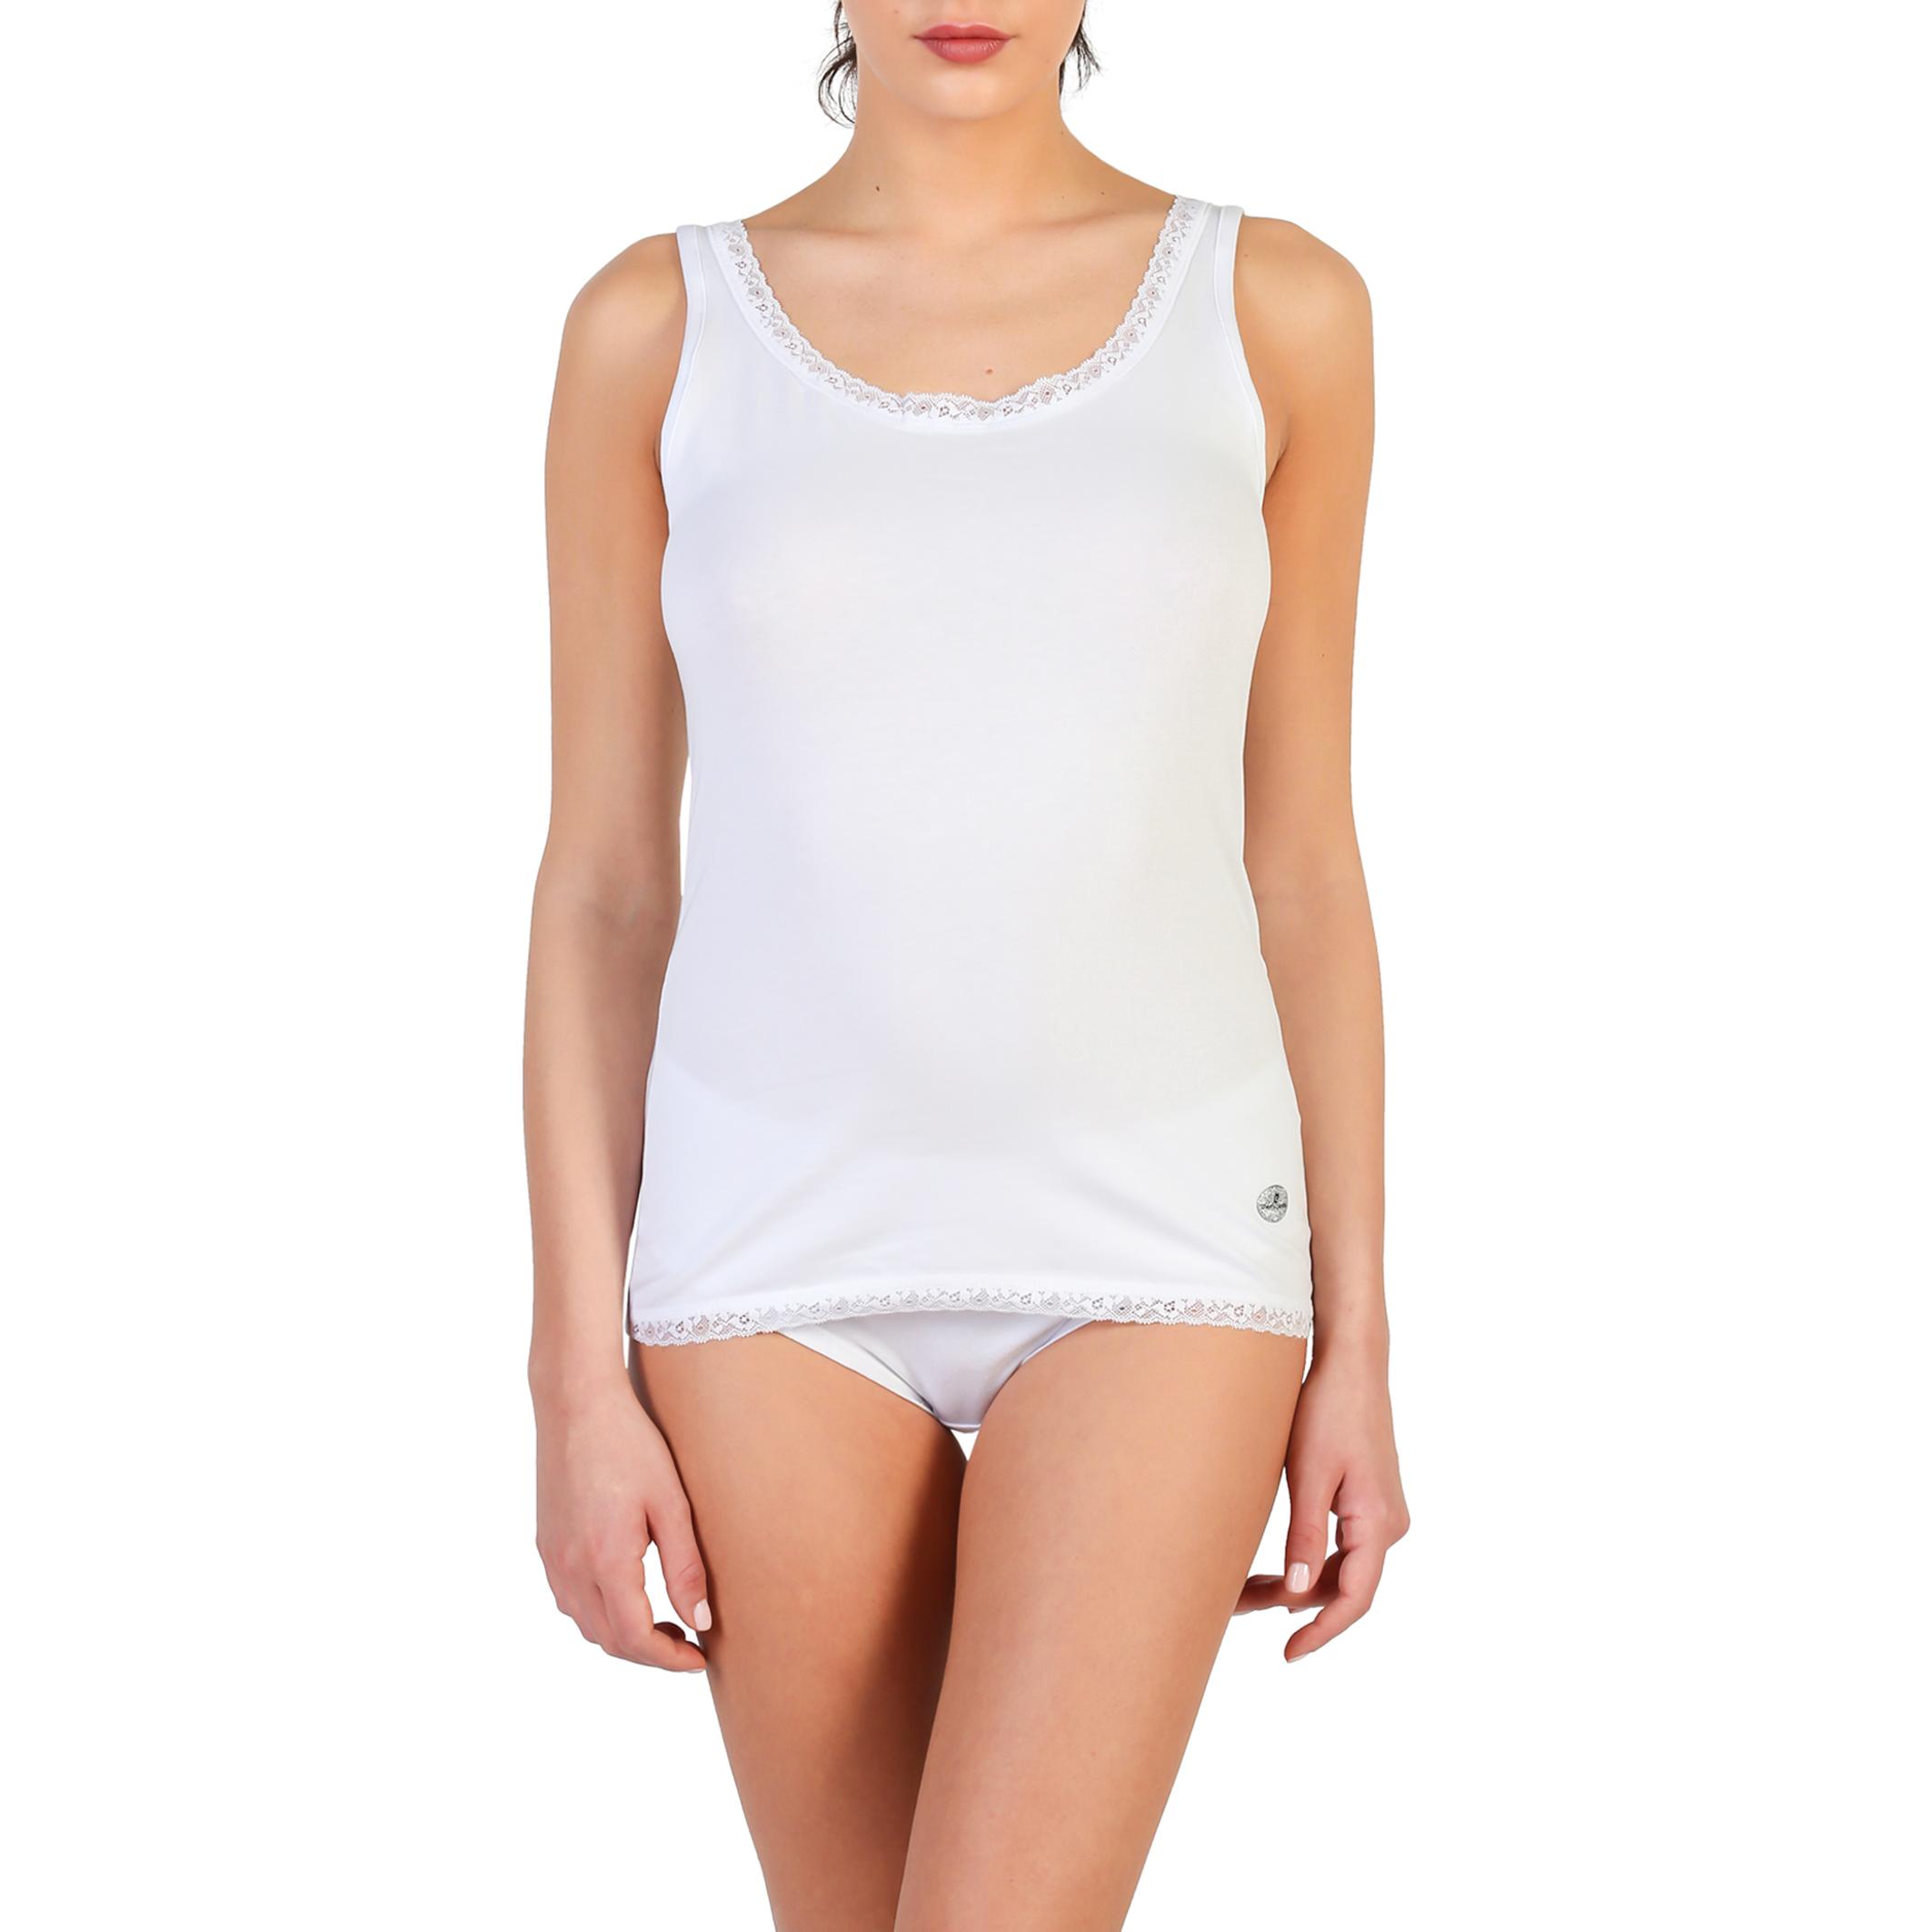 débardeur femme pierre cardin underwear PCD_BEGONIA_BIANCO